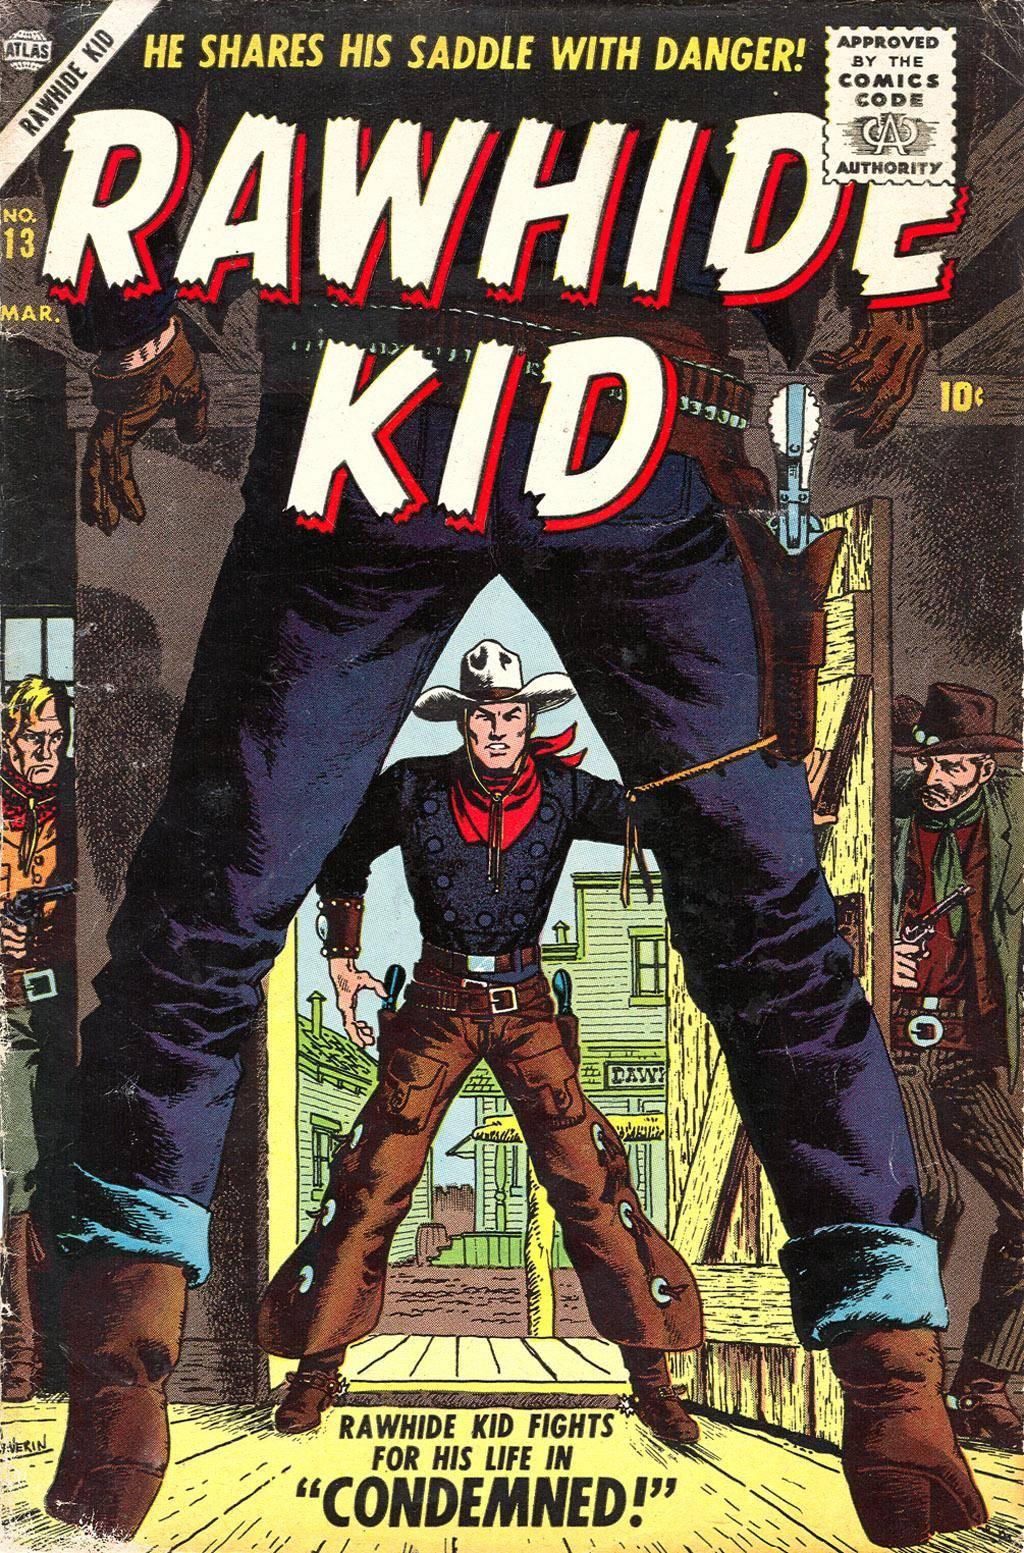 Rawhide Kid v1 013 1957